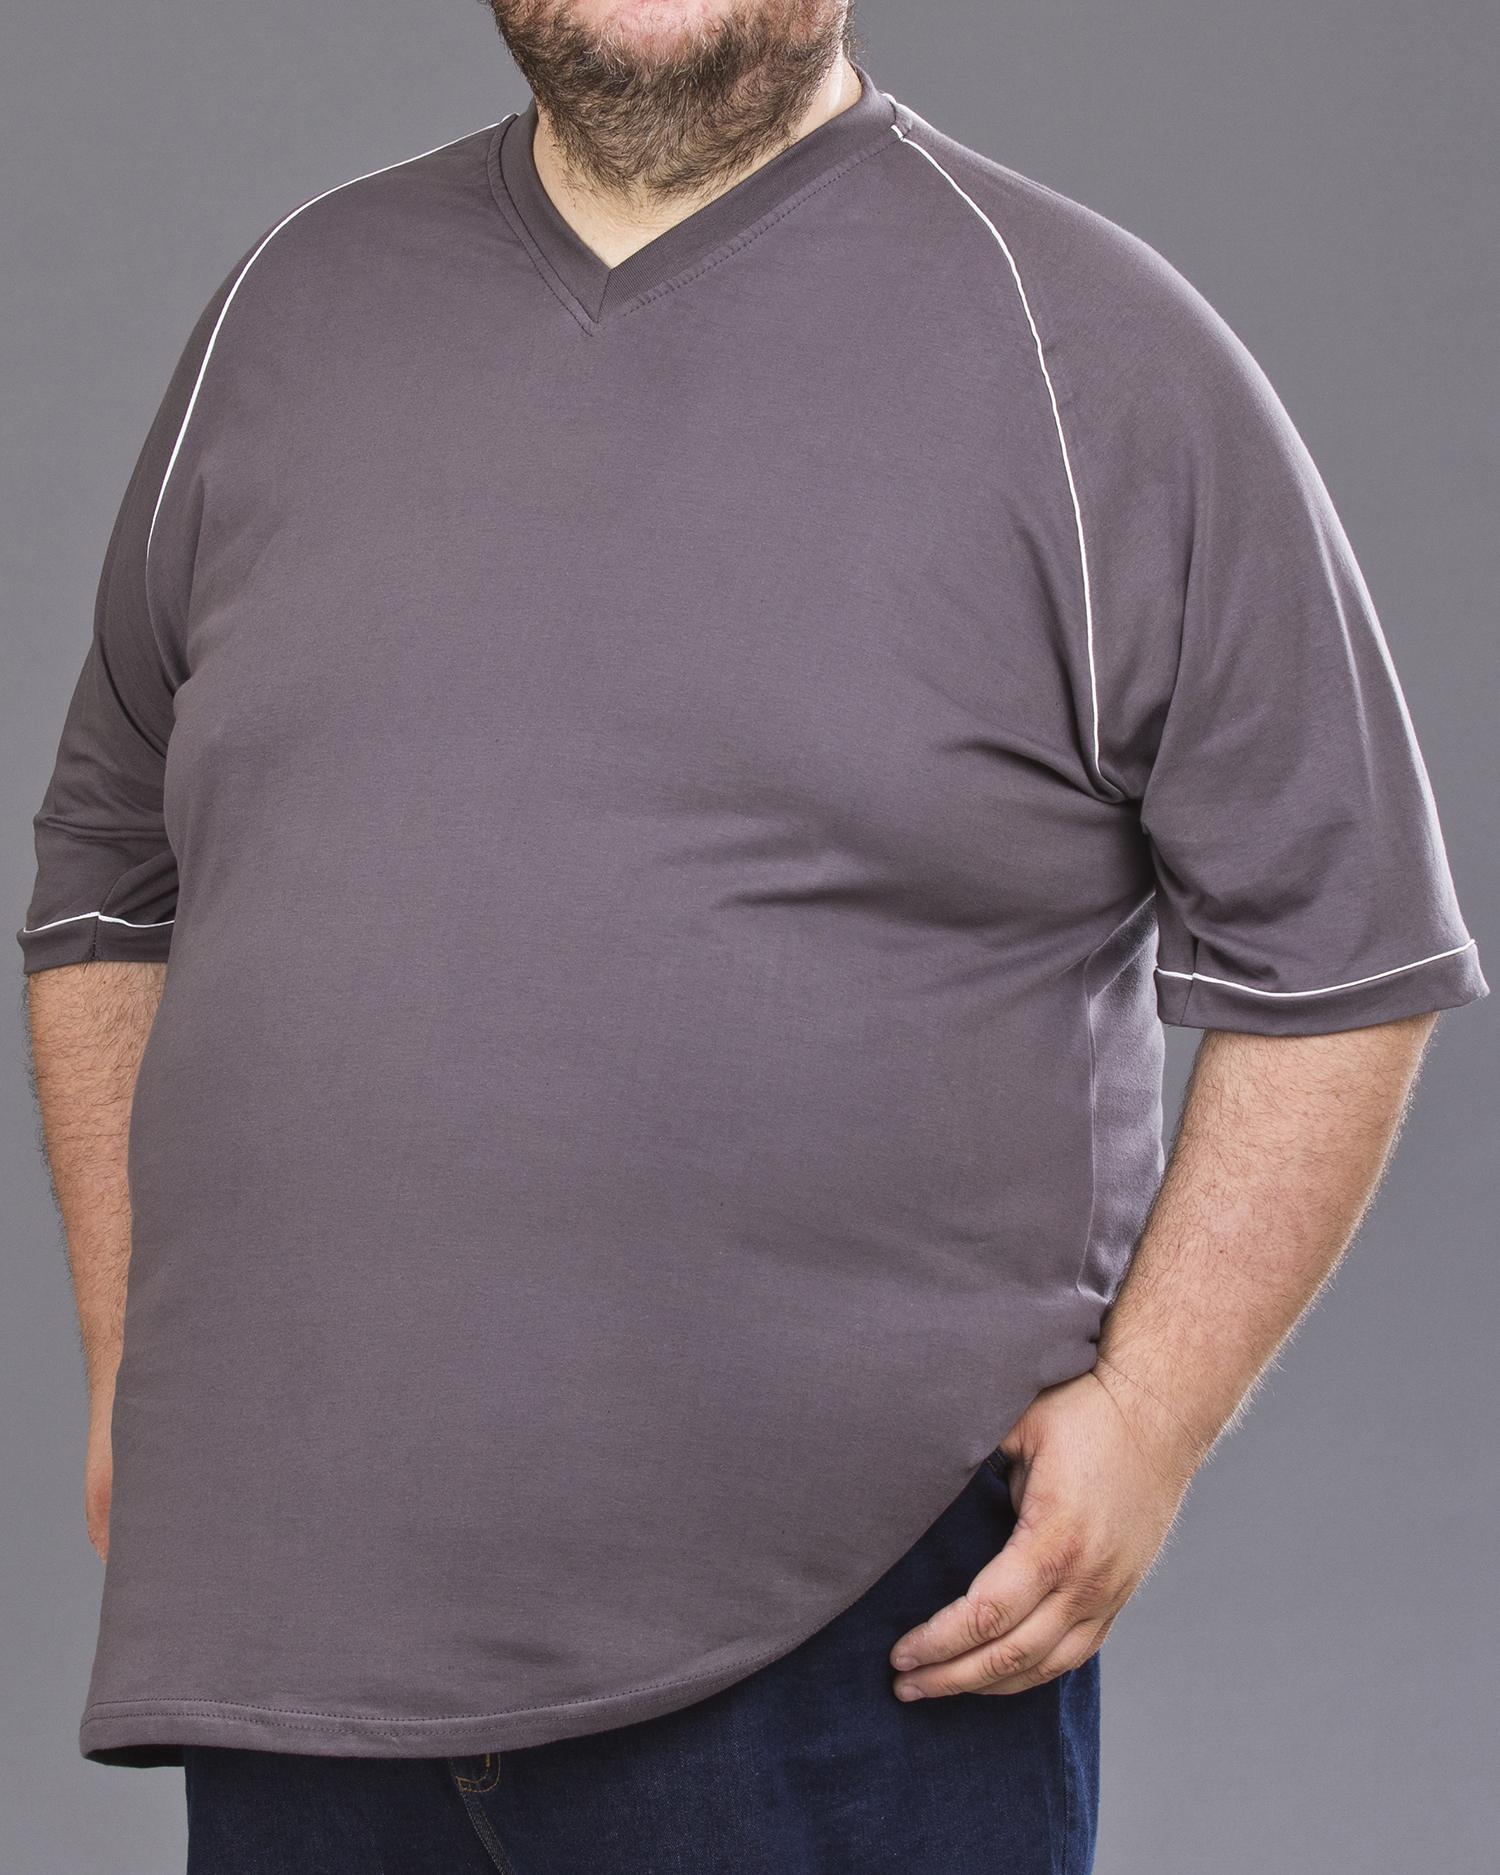 czarny t-shirt w dużym rozmiarze